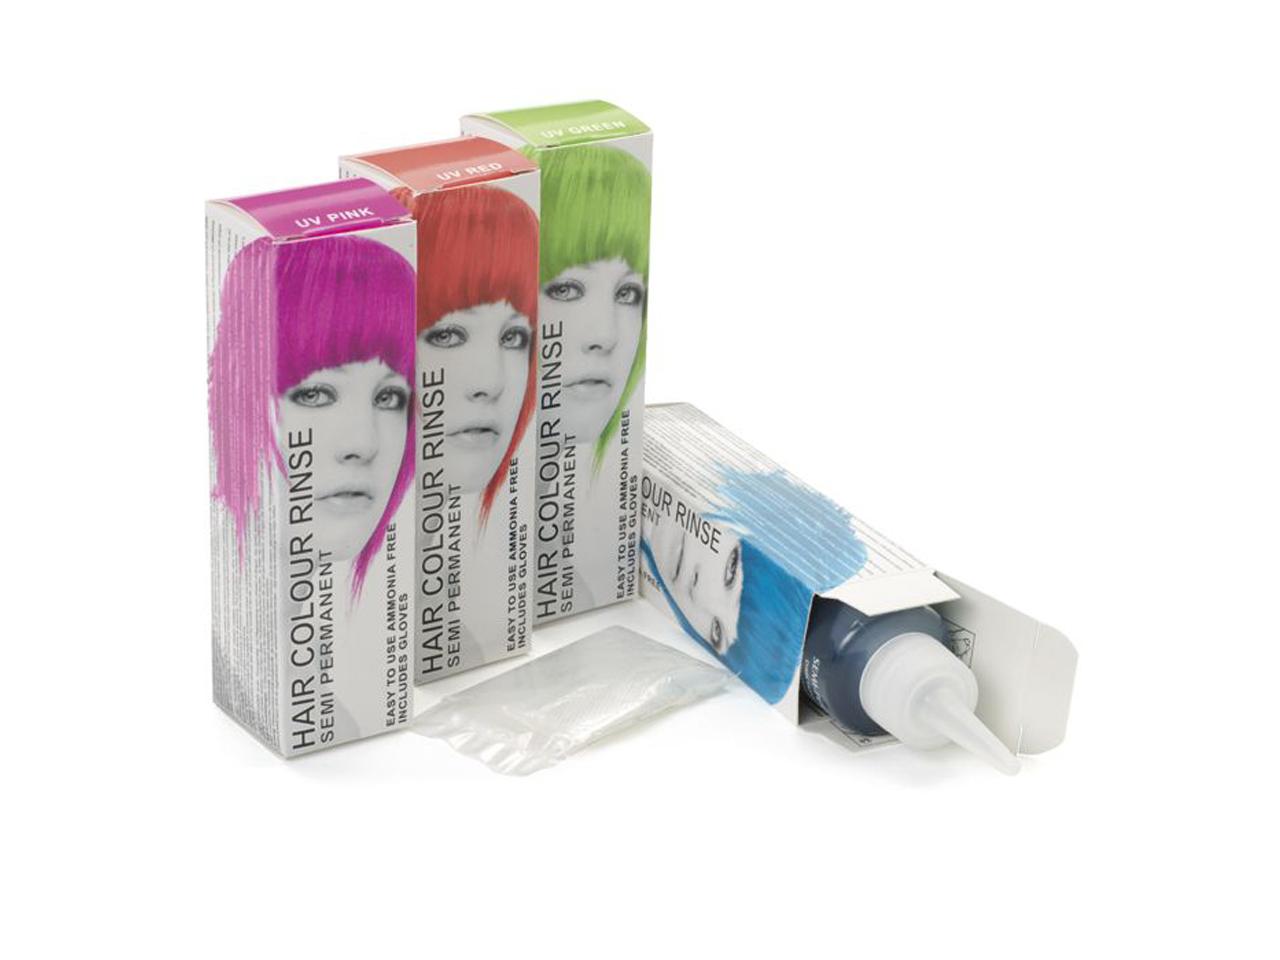 Stargazer Semi Permanent Hair Dye Bottle